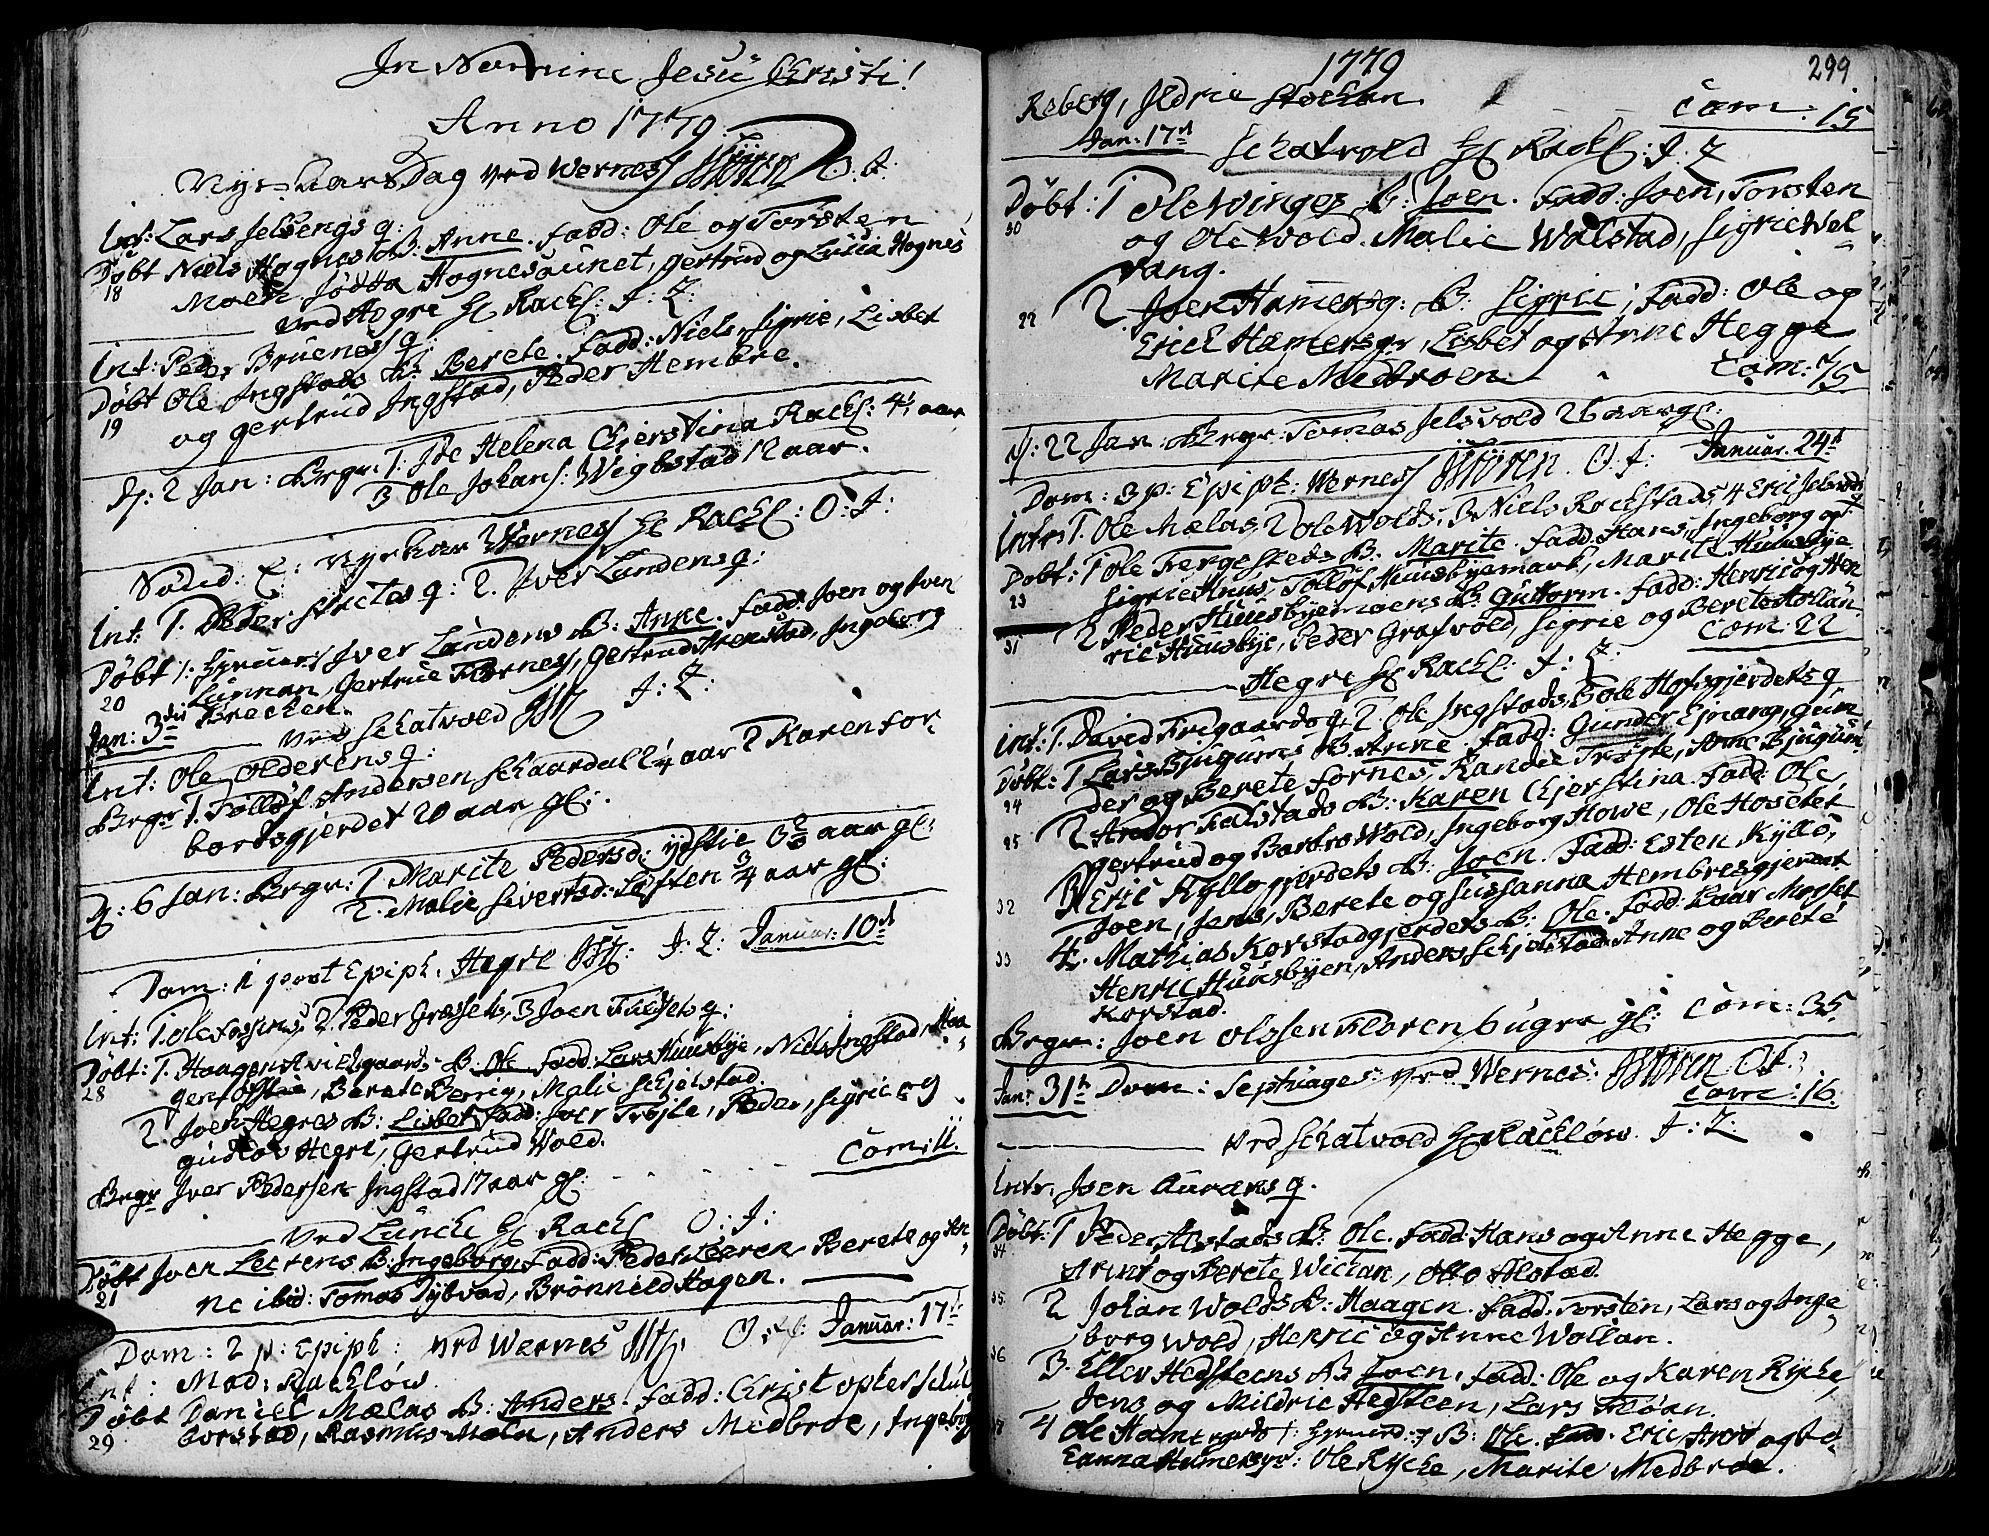 SAT, Ministerialprotokoller, klokkerbøker og fødselsregistre - Nord-Trøndelag, 709/L0057: Ministerialbok nr. 709A05, 1755-1780, s. 299